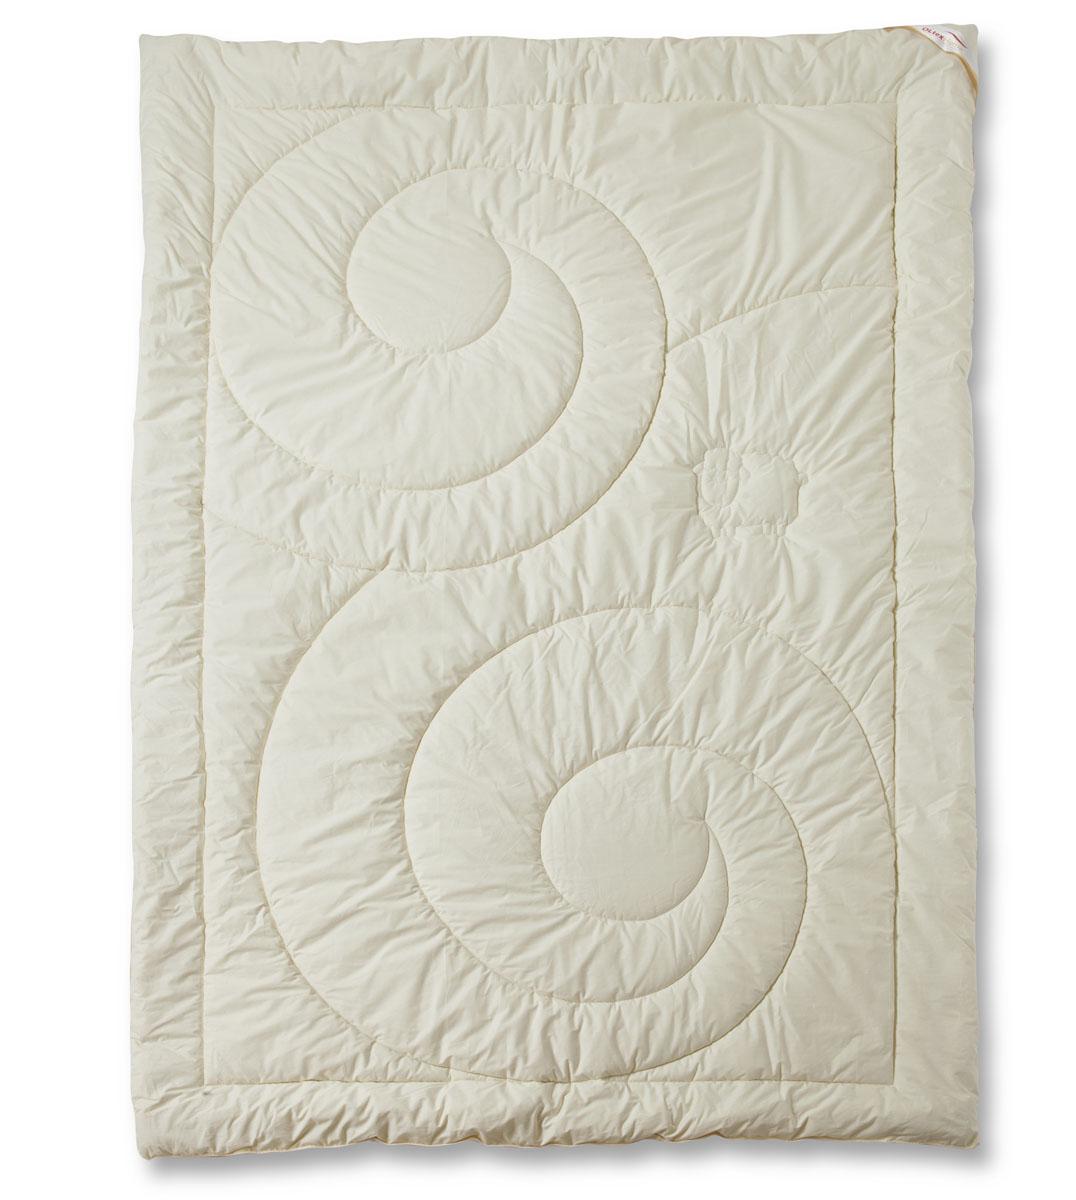 Одеяло теплое OL-Tex Меринос, цвет: сливочный, 140 х 205 смОМТ-15-4Чехол теплого одеяла OL-Tex Меринос выполнен из мягкого приятного на ощупь материала тик/перкаль сливочного цвета. Наполнитель - шерсть австралийского мериноса с полиэстером. Шерсть мериноса имеет множество достоинств. Мериносовая шерсть мягкая и эластичная, способна долгое время держать объем и форму, а благодаря естественному завитку отличается особой упругостью. Шерсть мериноса отличает высокая гигроскопичность, она способна впитывать до 33% влаги от своего объема, благодаря чему тело человека всегда остается в сухом тепле. В волокнах шерсти — миллионы воздушных подушечек, способствующих сохранению тепла и в холод, и в жару. Все эти качества шерсти мериноса служат залогом крепкого, здорового сна. Одеяло с шестью австралийского мериноса на любой сезон — уютное и теплое. Шерсть мериноса обладает целебными свойствами, благотворно воздействует на суставы. Одеяло OL-Tex Меринос - достойный выбор современной хозяйки! Рекомендации по уходу: - Стирка запрещена, - Нельзя отбеливать. При стирке не использовать средства, содержащие отбеливатели (хлор), - Не гладить. Не применять обработку паром, - Химчистка с использованием углеводорода, хлорного этилена, монофтортрихлорметана (чистка на основе перхлорэтилена), - Нельзя выжимать и сушить в стиральной машине. Характеристики: Материал чехла: тик /перкаль (100% хлопок). Наполнитель: шерсть мериноса, полиэстер. Цвет: сливочный. Плотность: 300 г/м2. Размер одеяла: 140 см х 205 см. Размеры упаковки: 55 см х 45 см х 15 см. Артикул: ОМТ-...